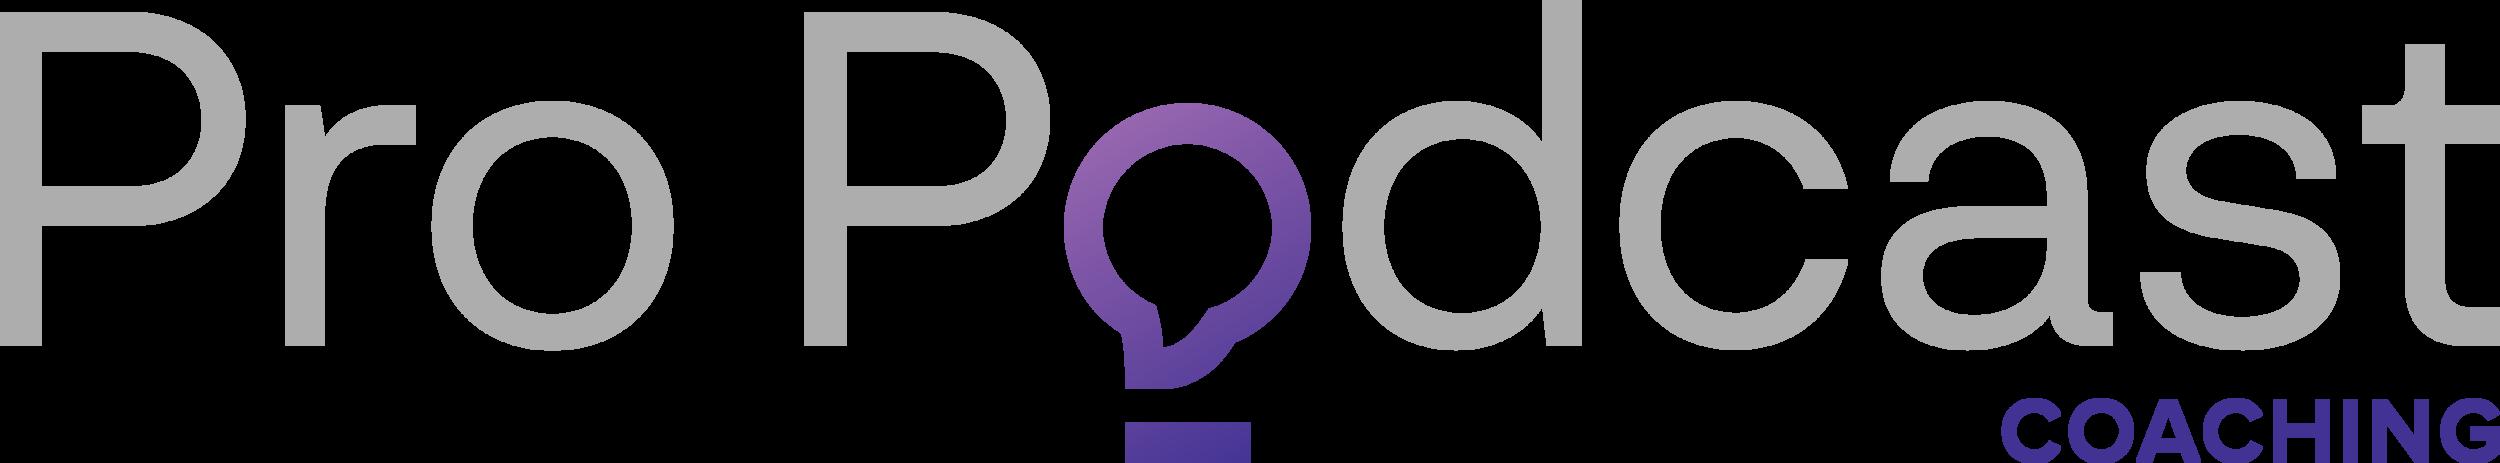 ppp_logo_reg-4.png